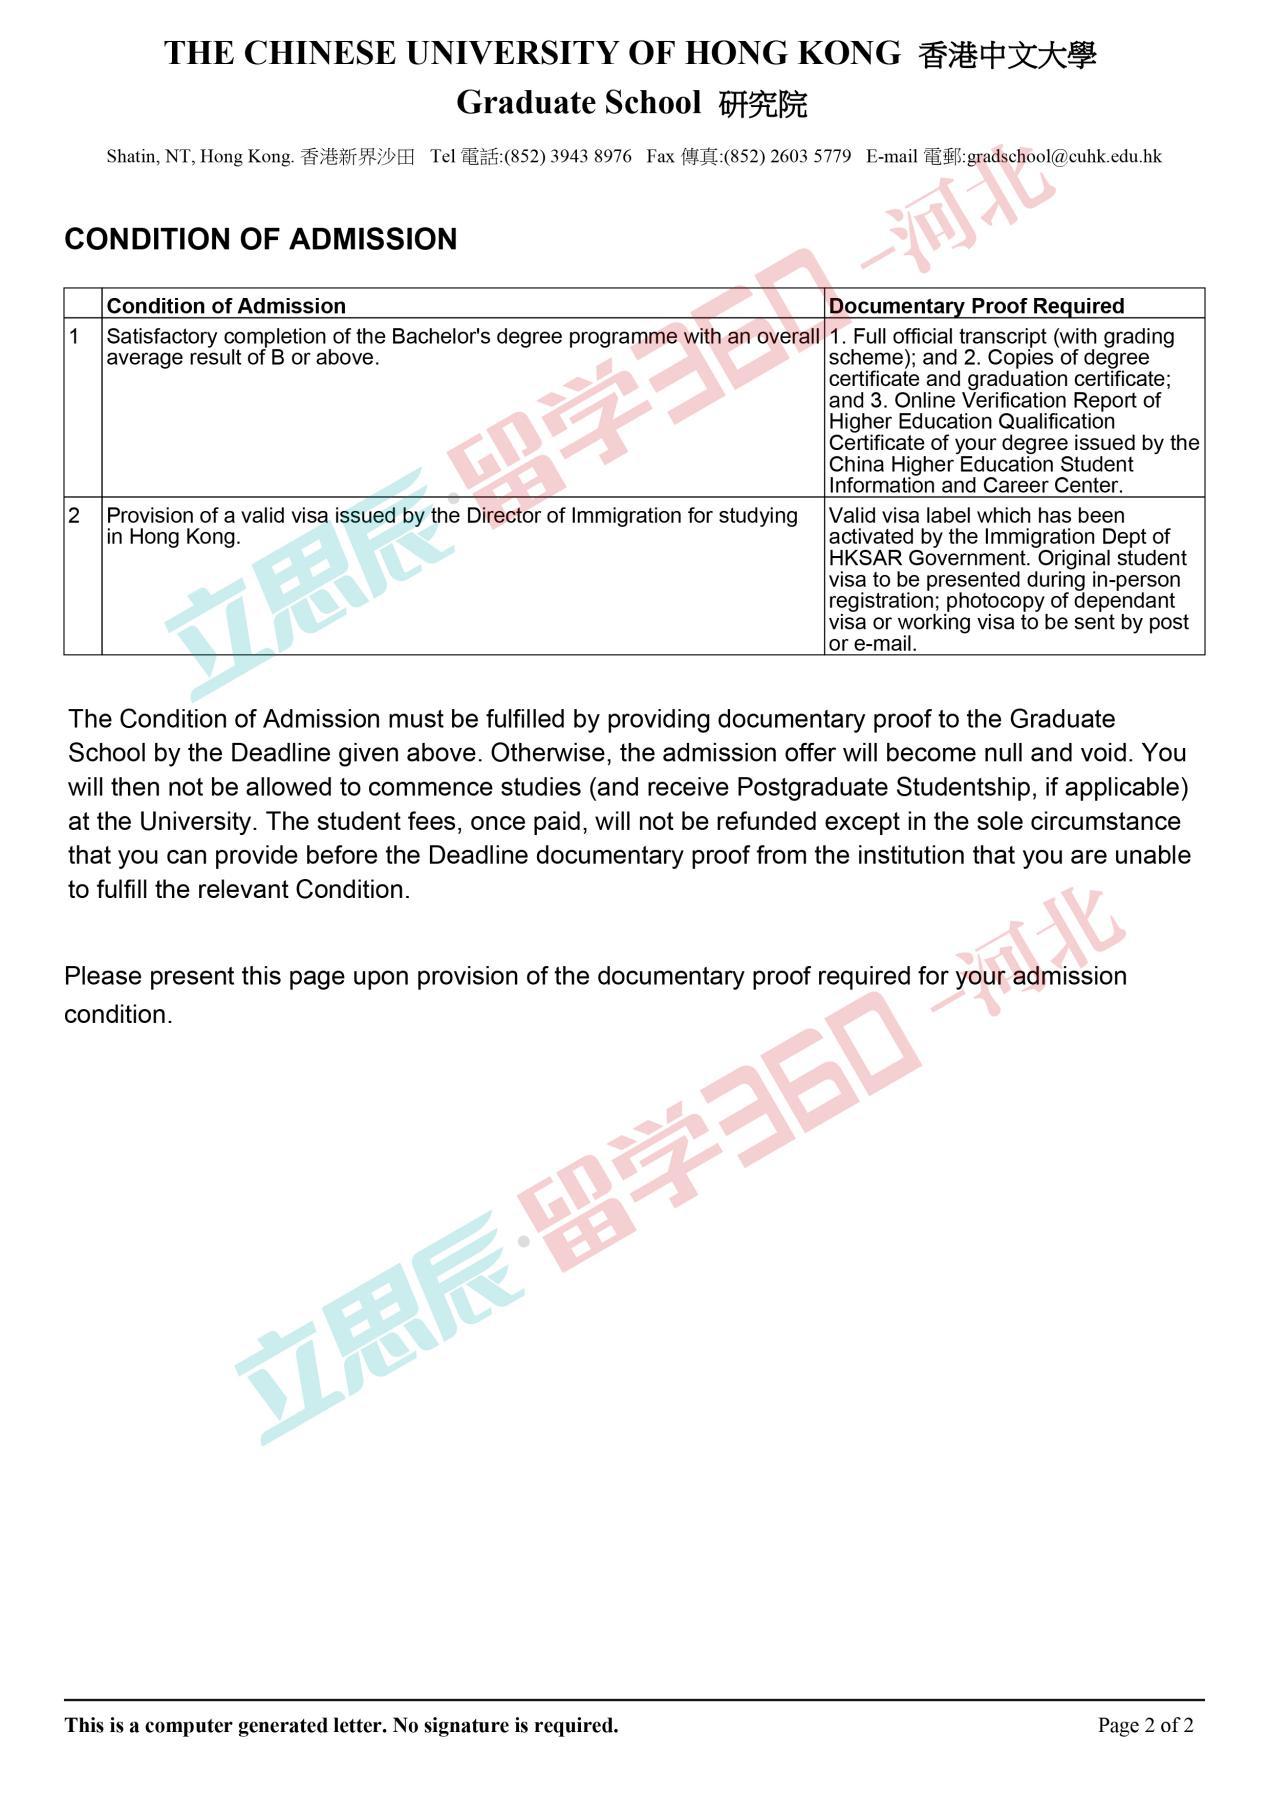 香港中文大学留学:切合背景,分析定位